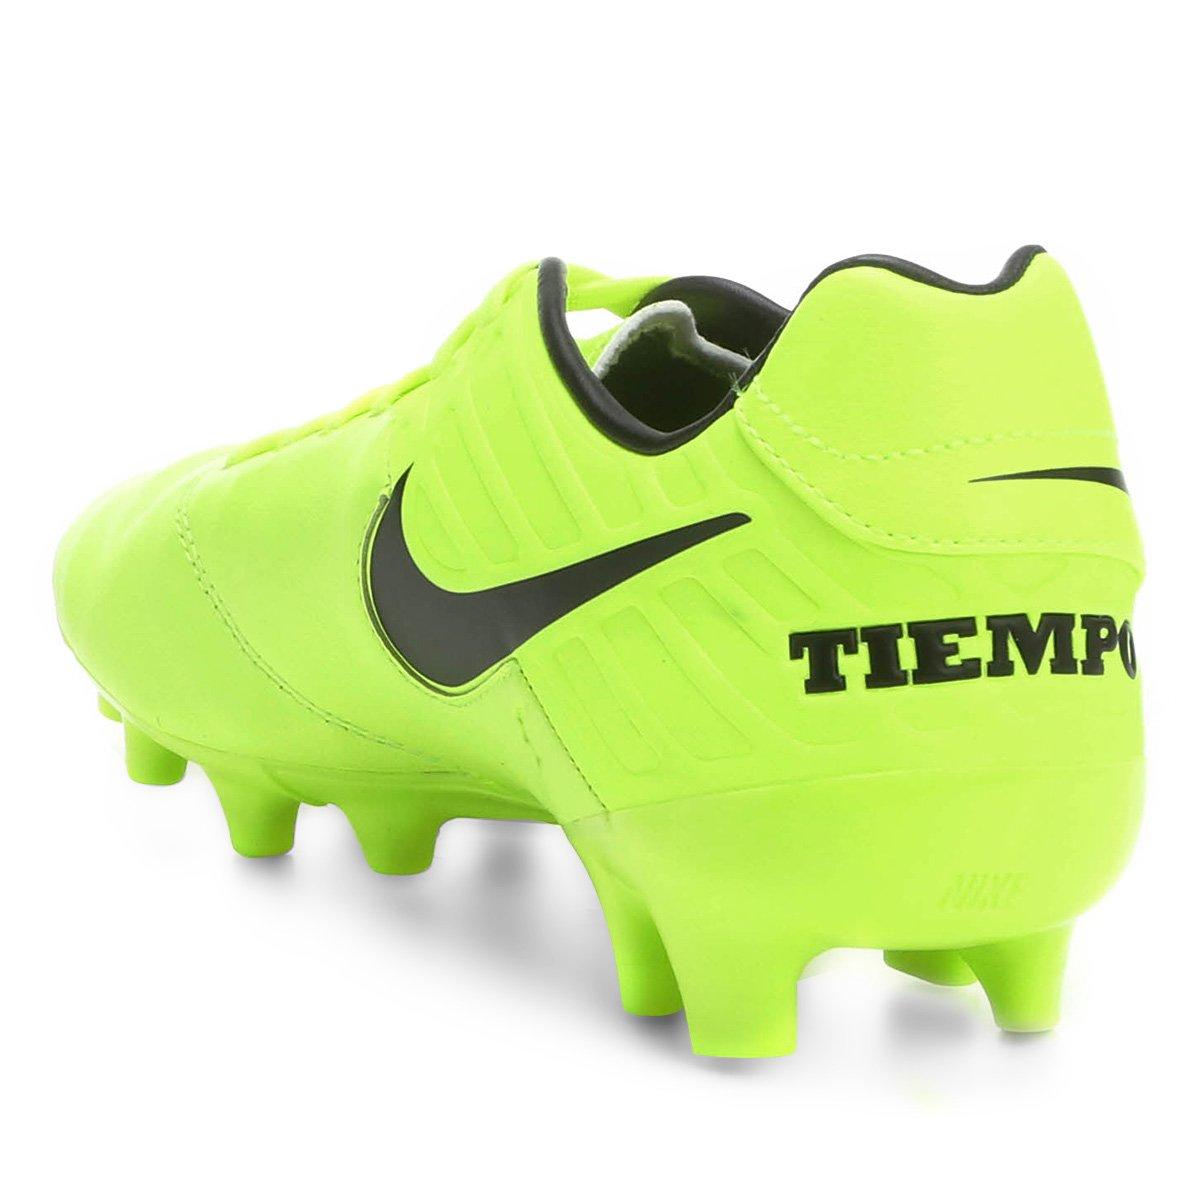 Chuteira Campo Nike Tiempo Mystic 5 FG - Compre Agora  6c952a114795d